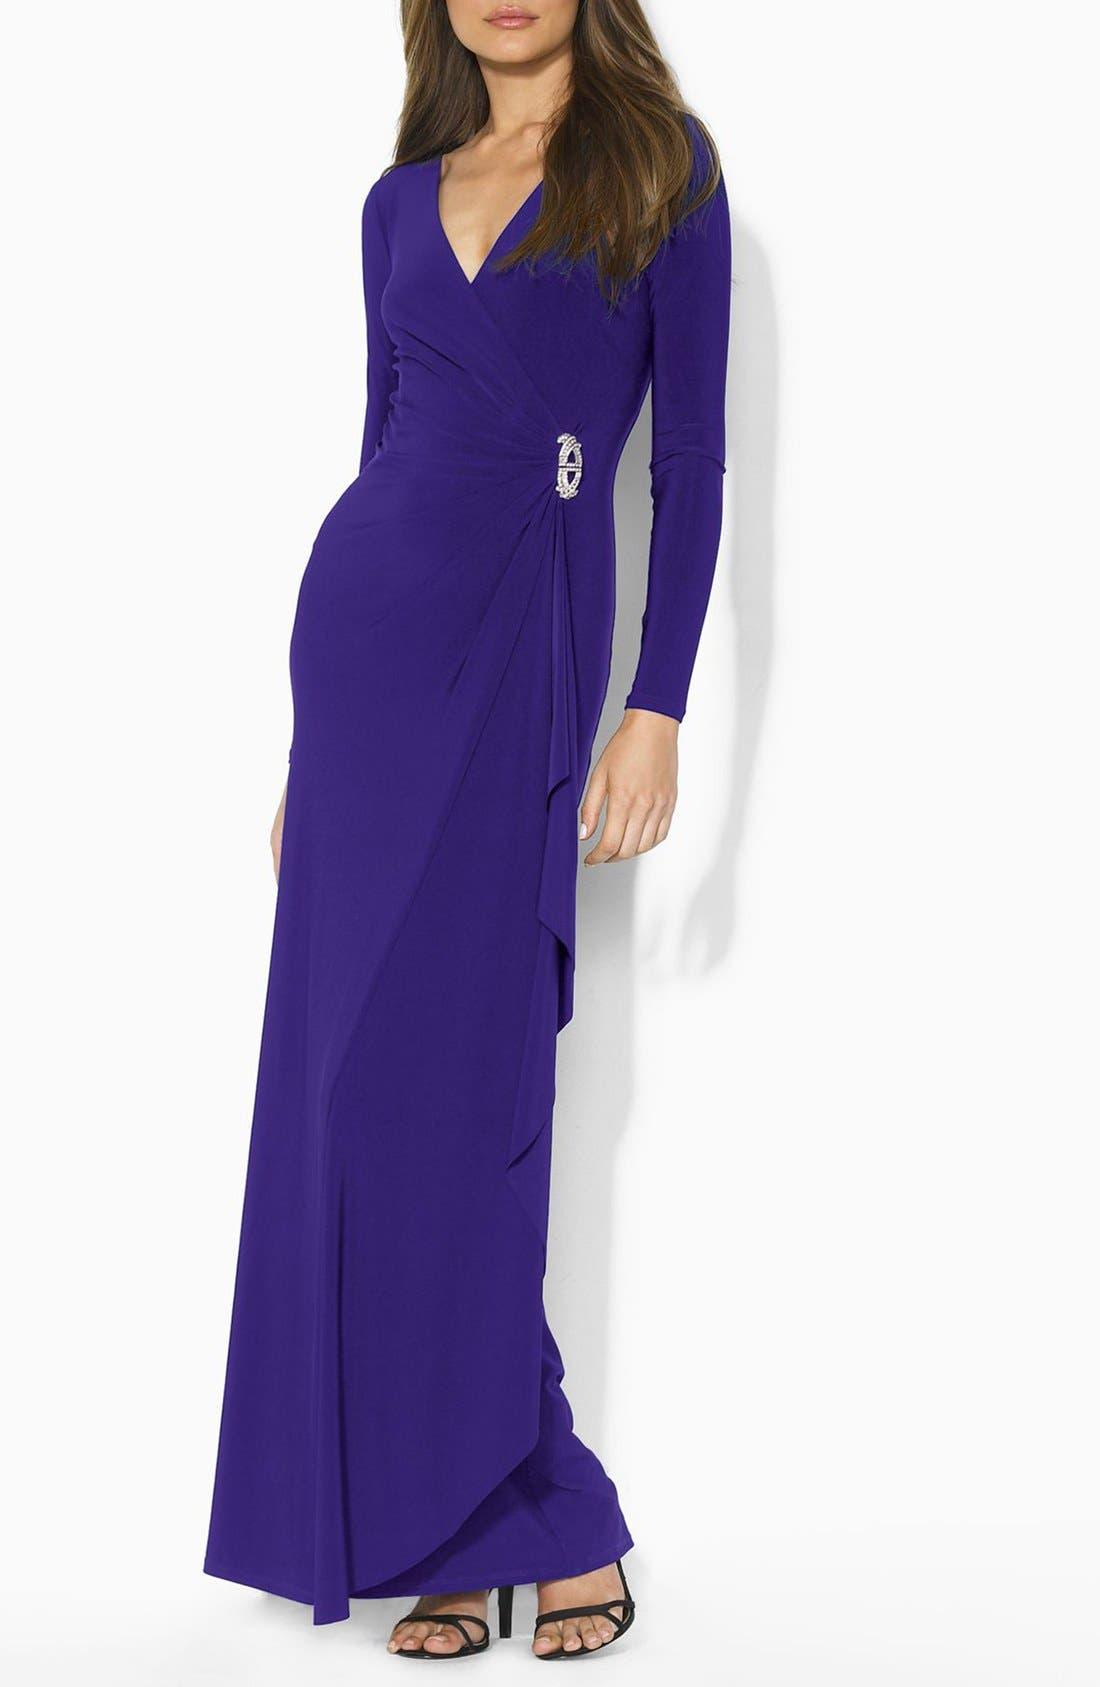 Main Image - Lauren Ralph Lauren Embellished Jersey Faux Wrap Gown (Regular & Petite)